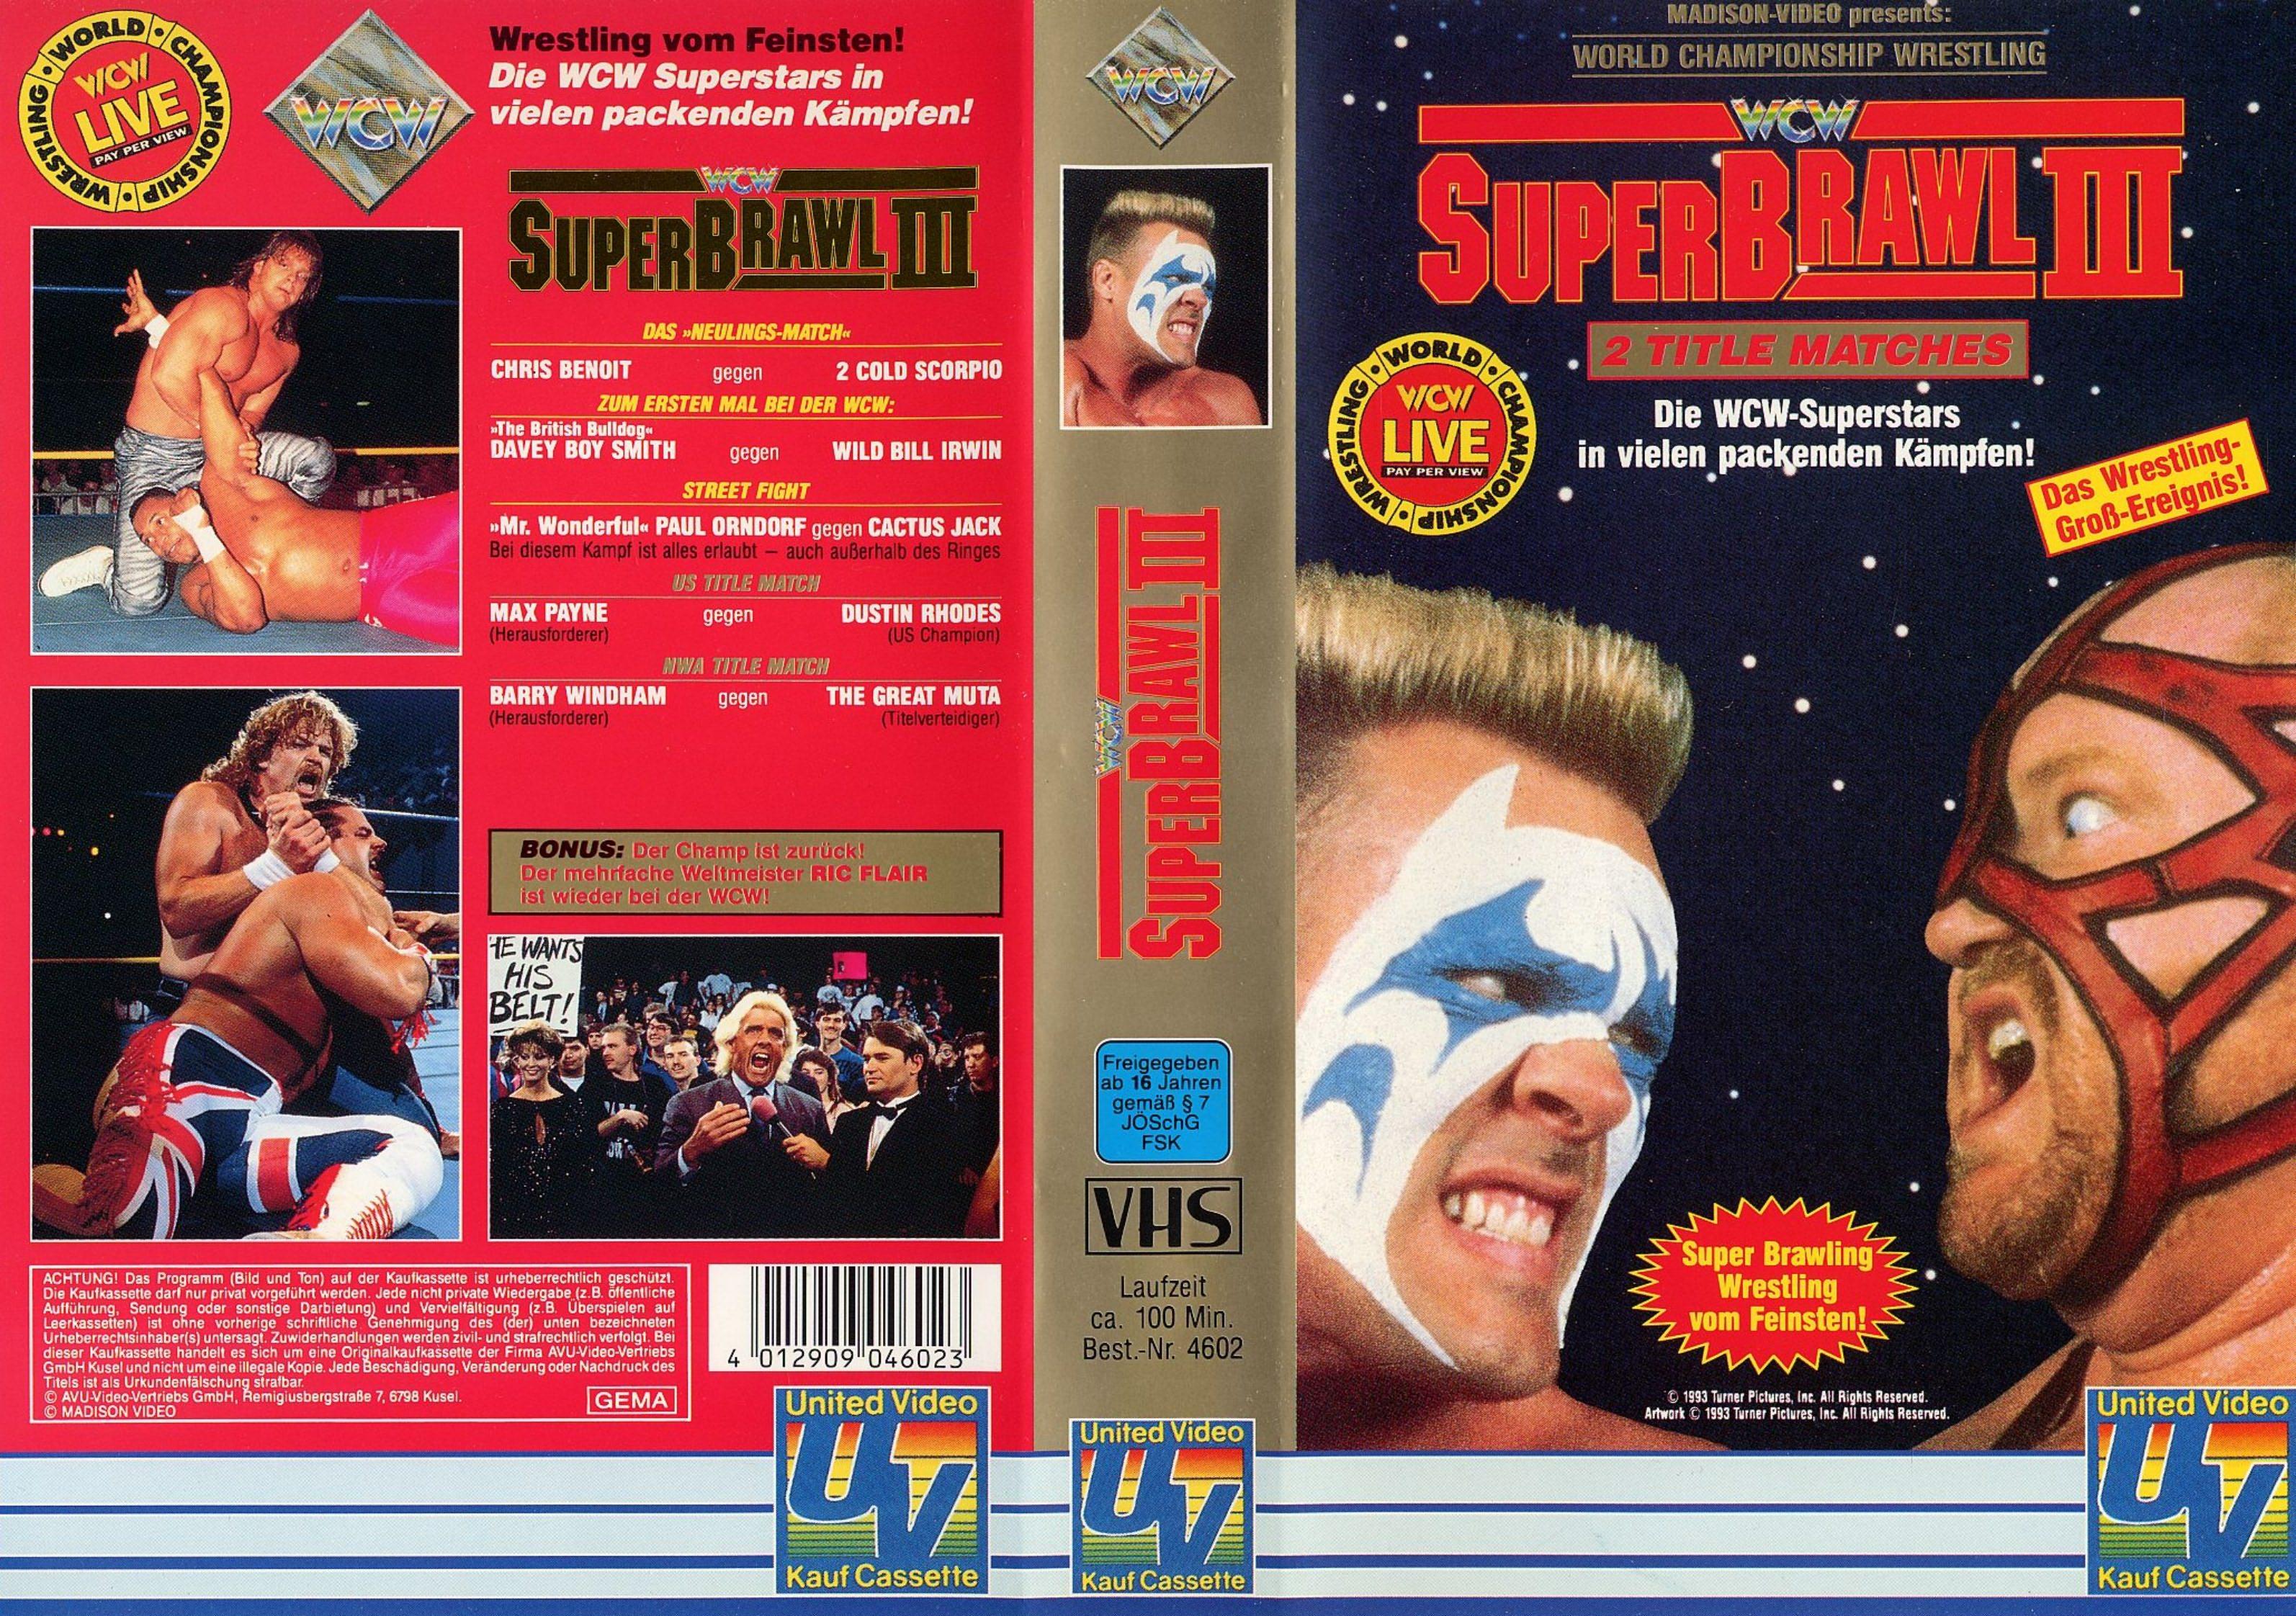 WCW_Superbrawl_III_-_Cover